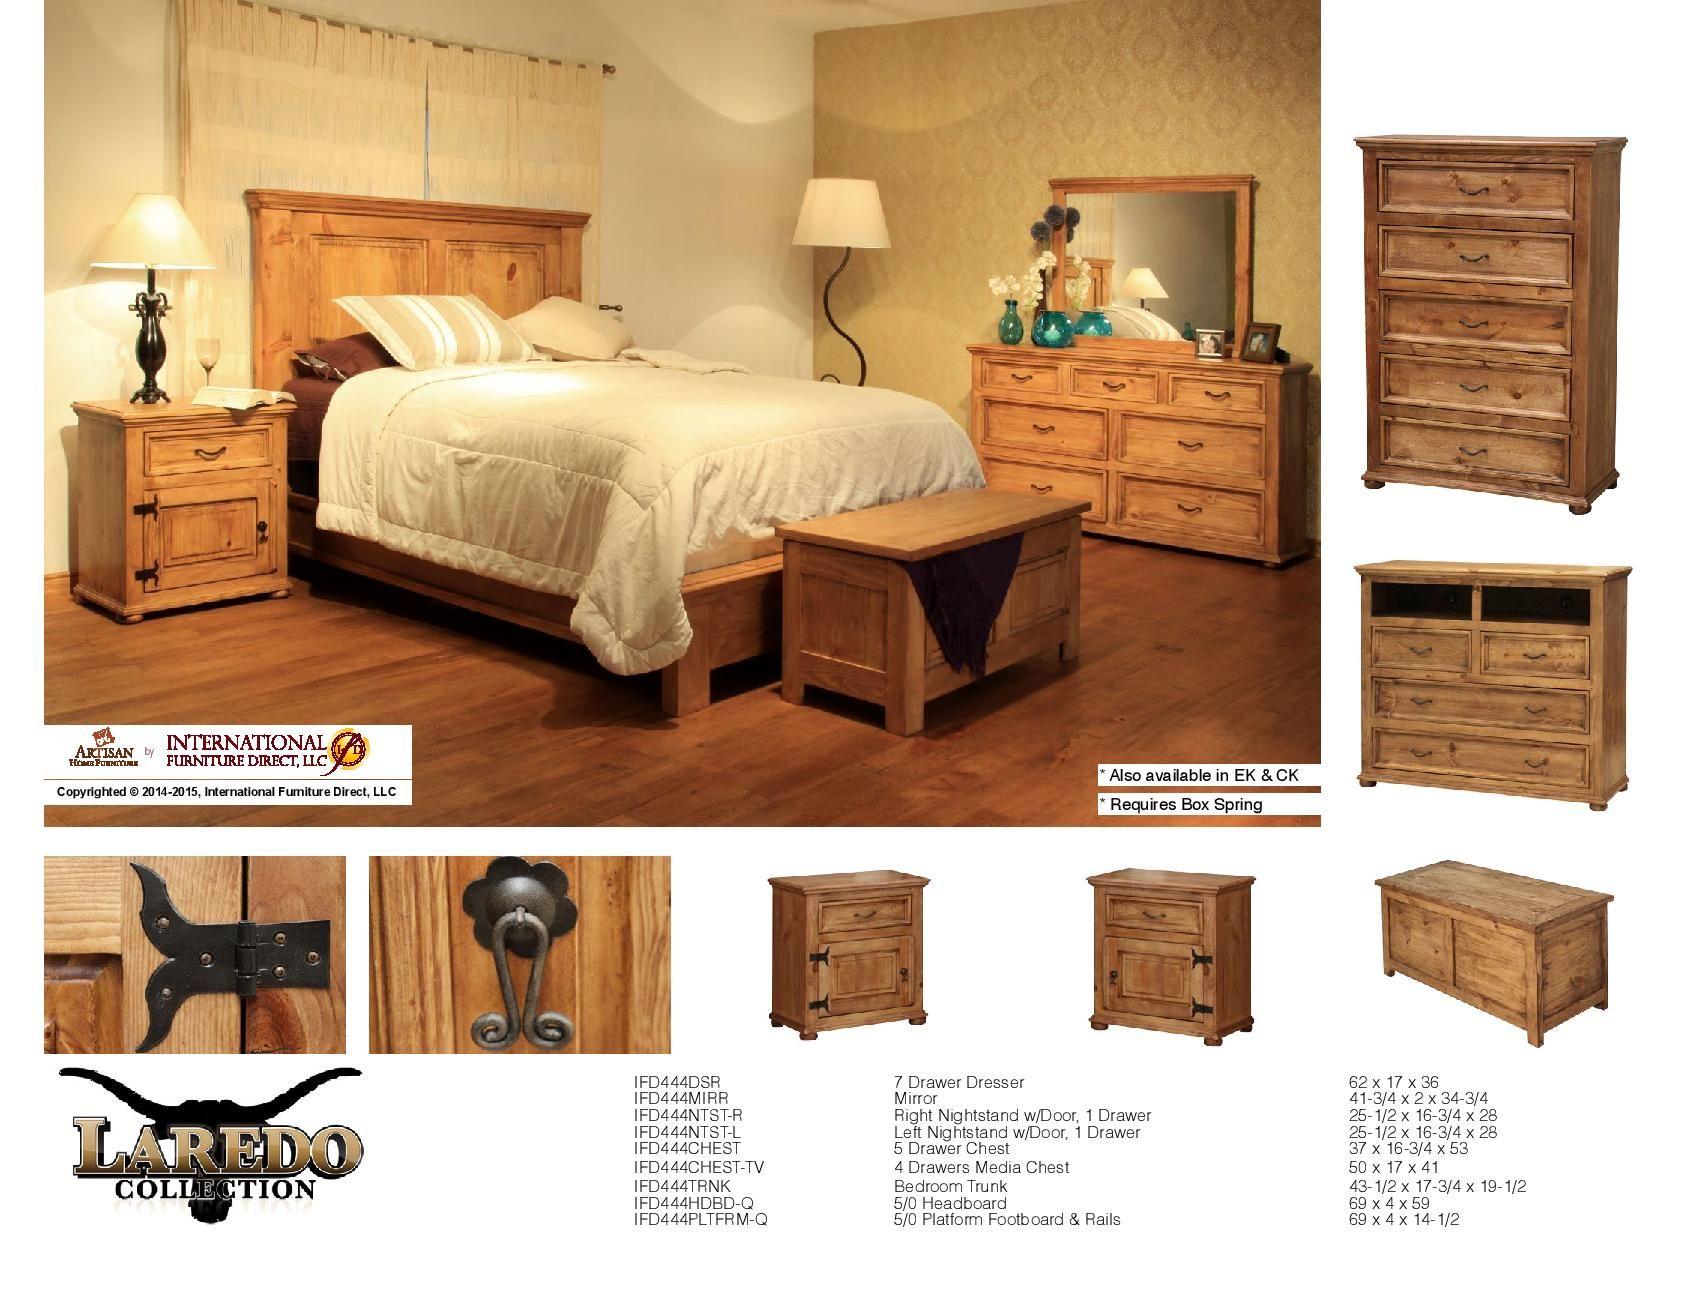 International Furniture Direct Bedroom Furniture